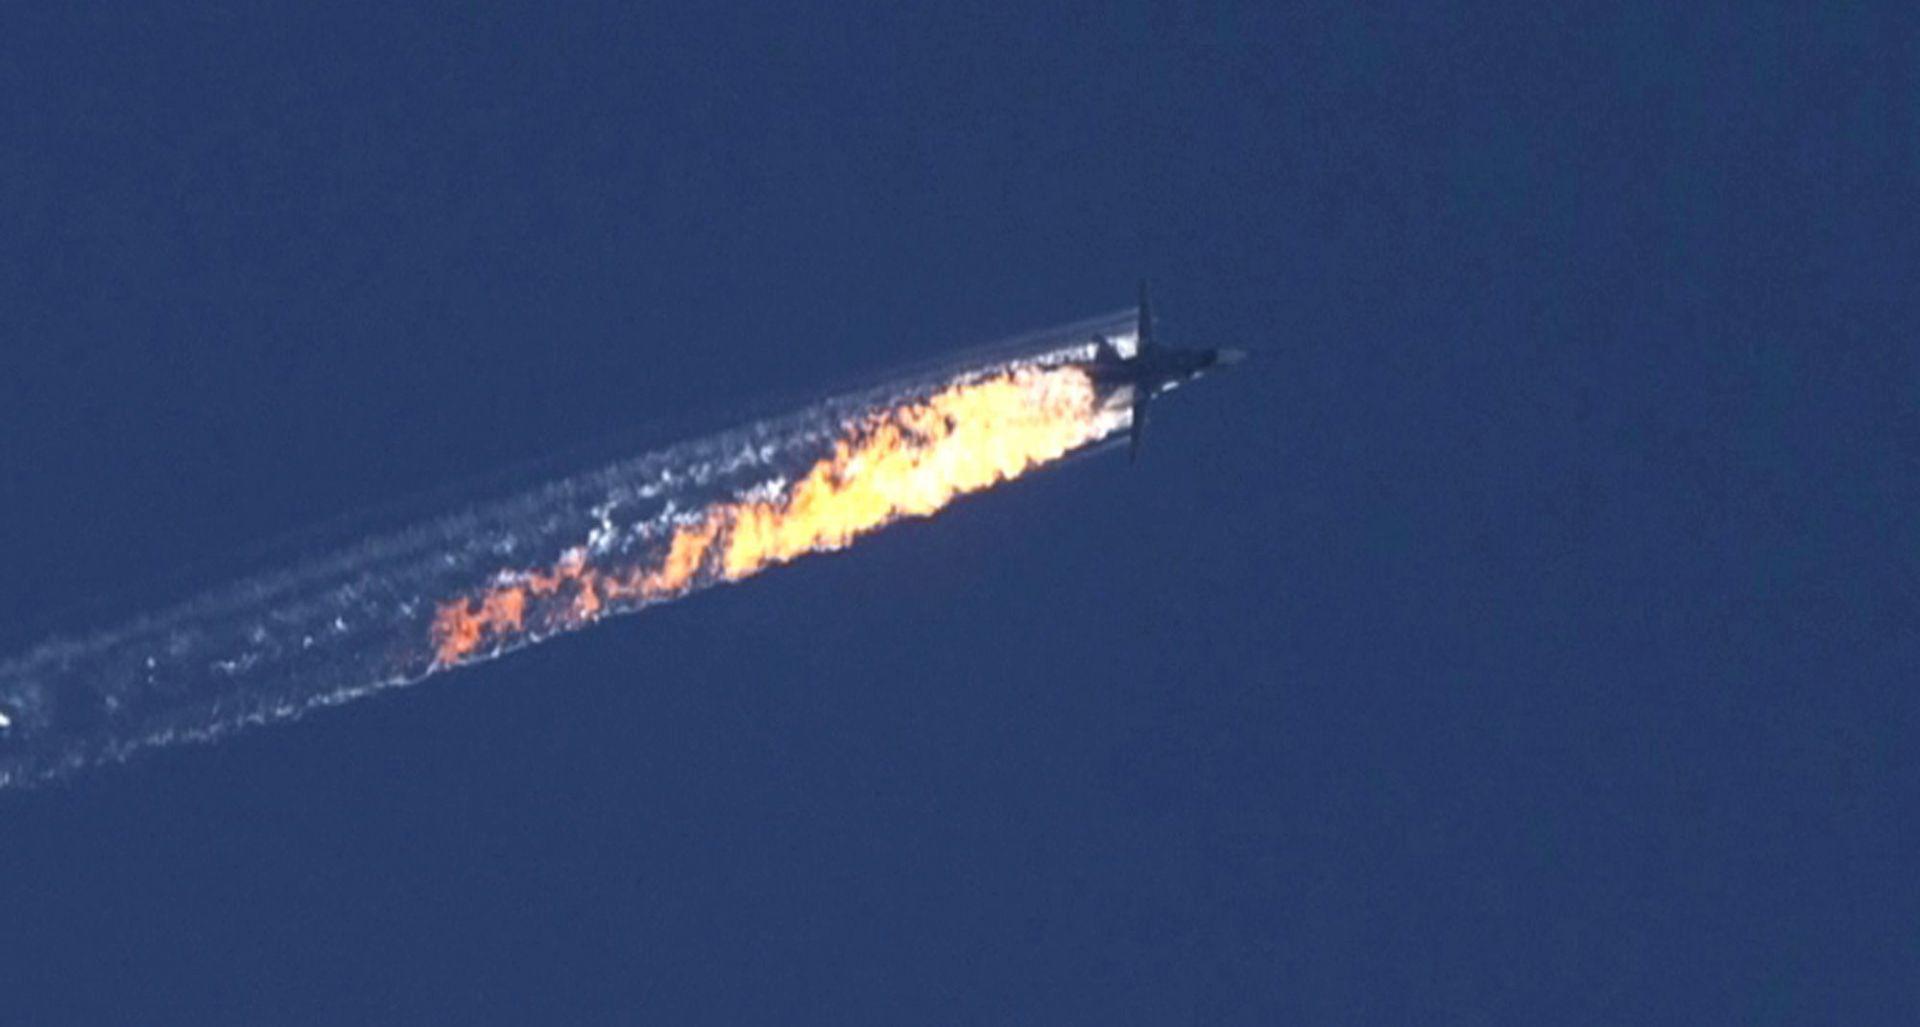 SASTALI SE TURCI I RUSI: Pilot koji je srušio ruskog lovca napravio je to svojevoljno